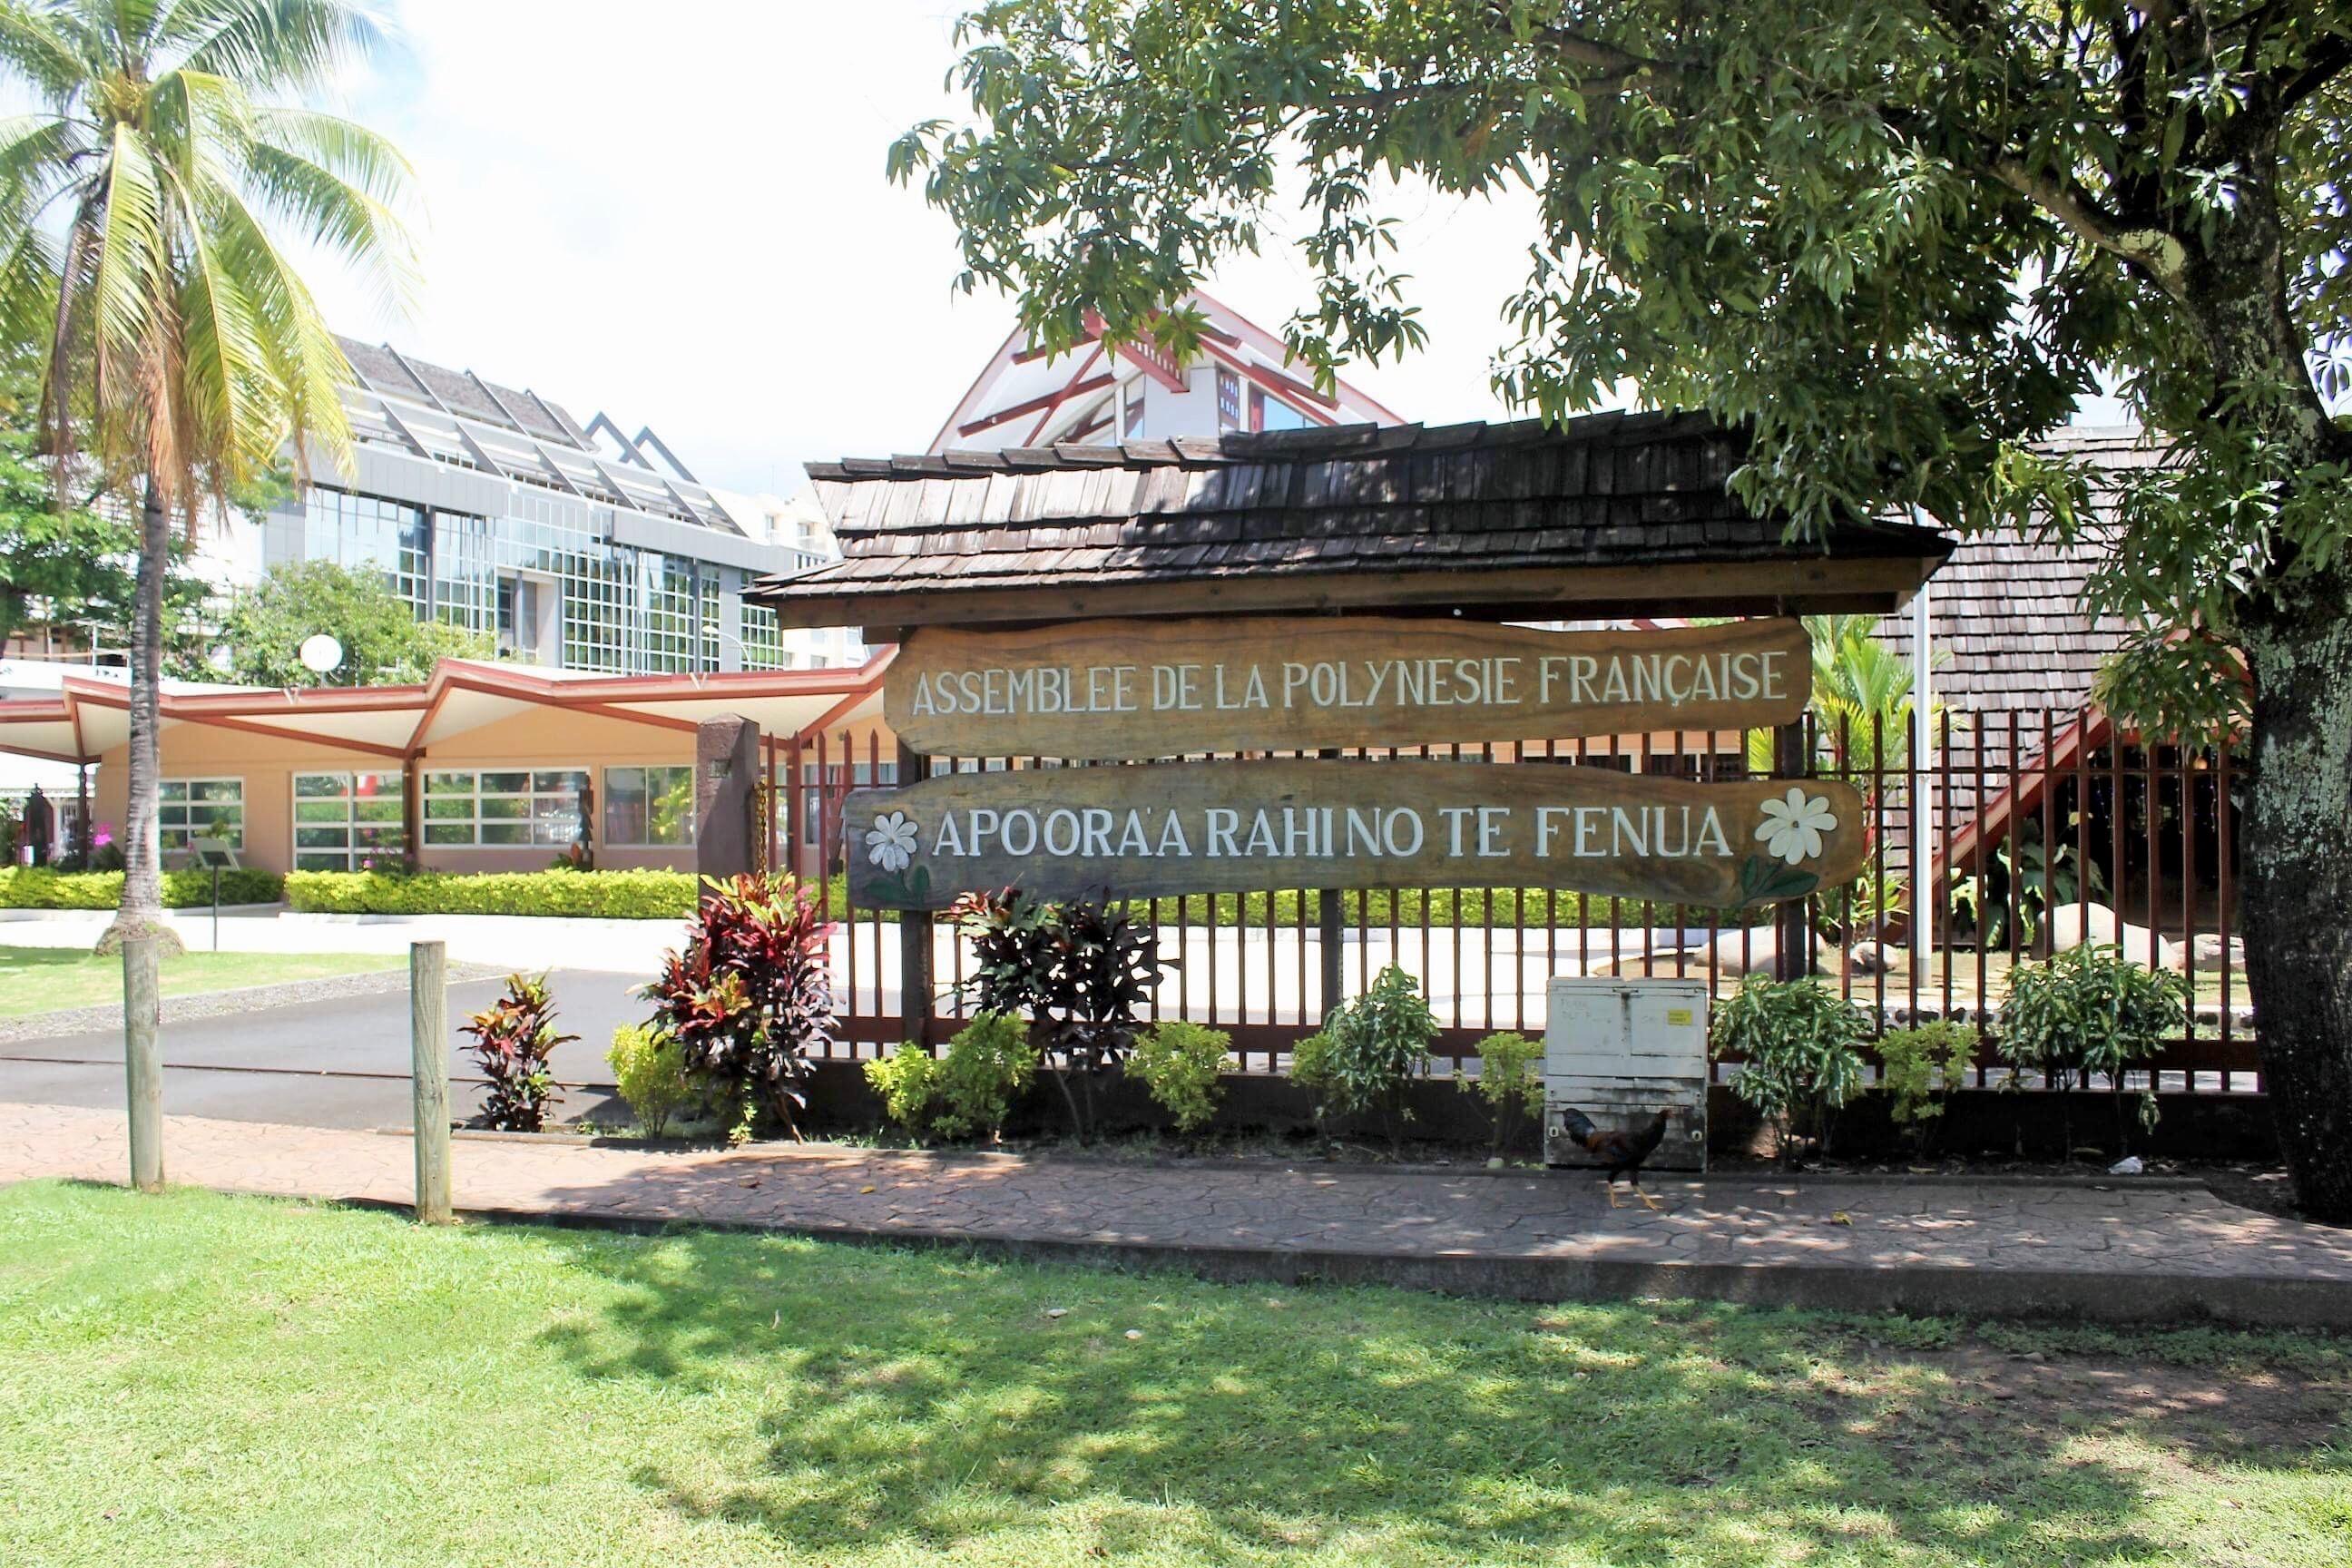 L'Assemblée de Polynésie approuve la réforme de la formation des élus locaux